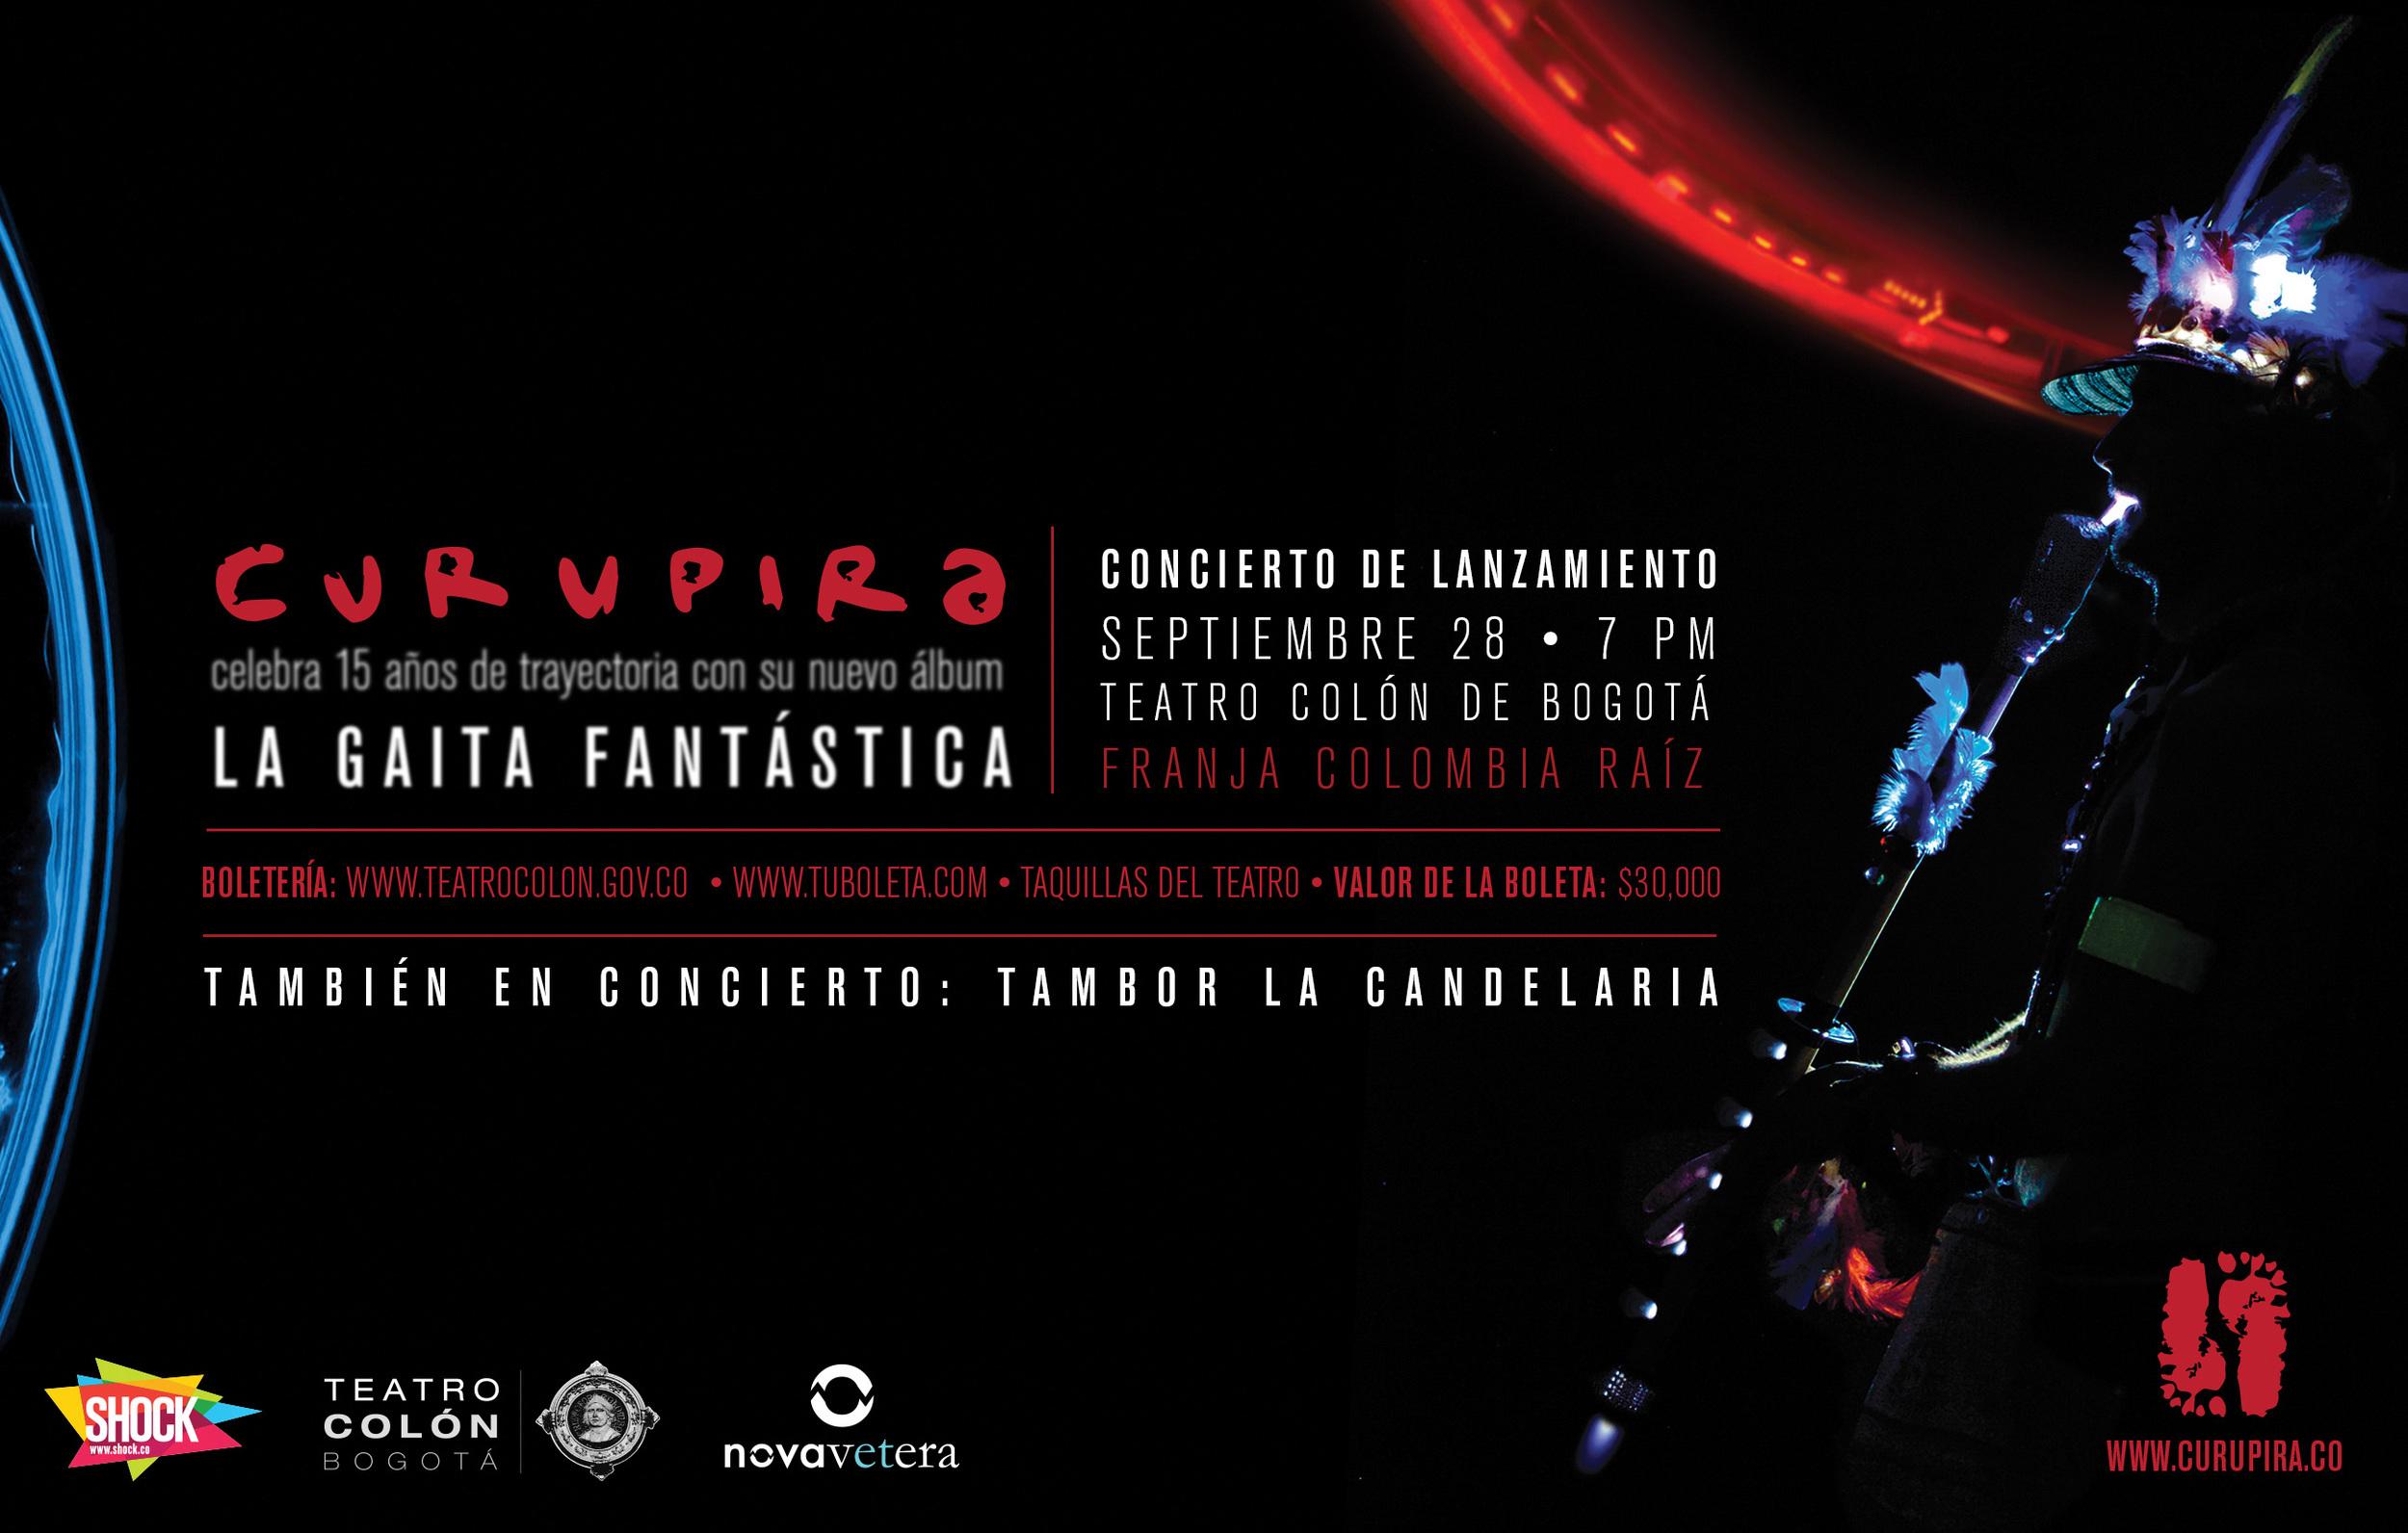 La Gaita Fantástica | Launch Concert Flyer